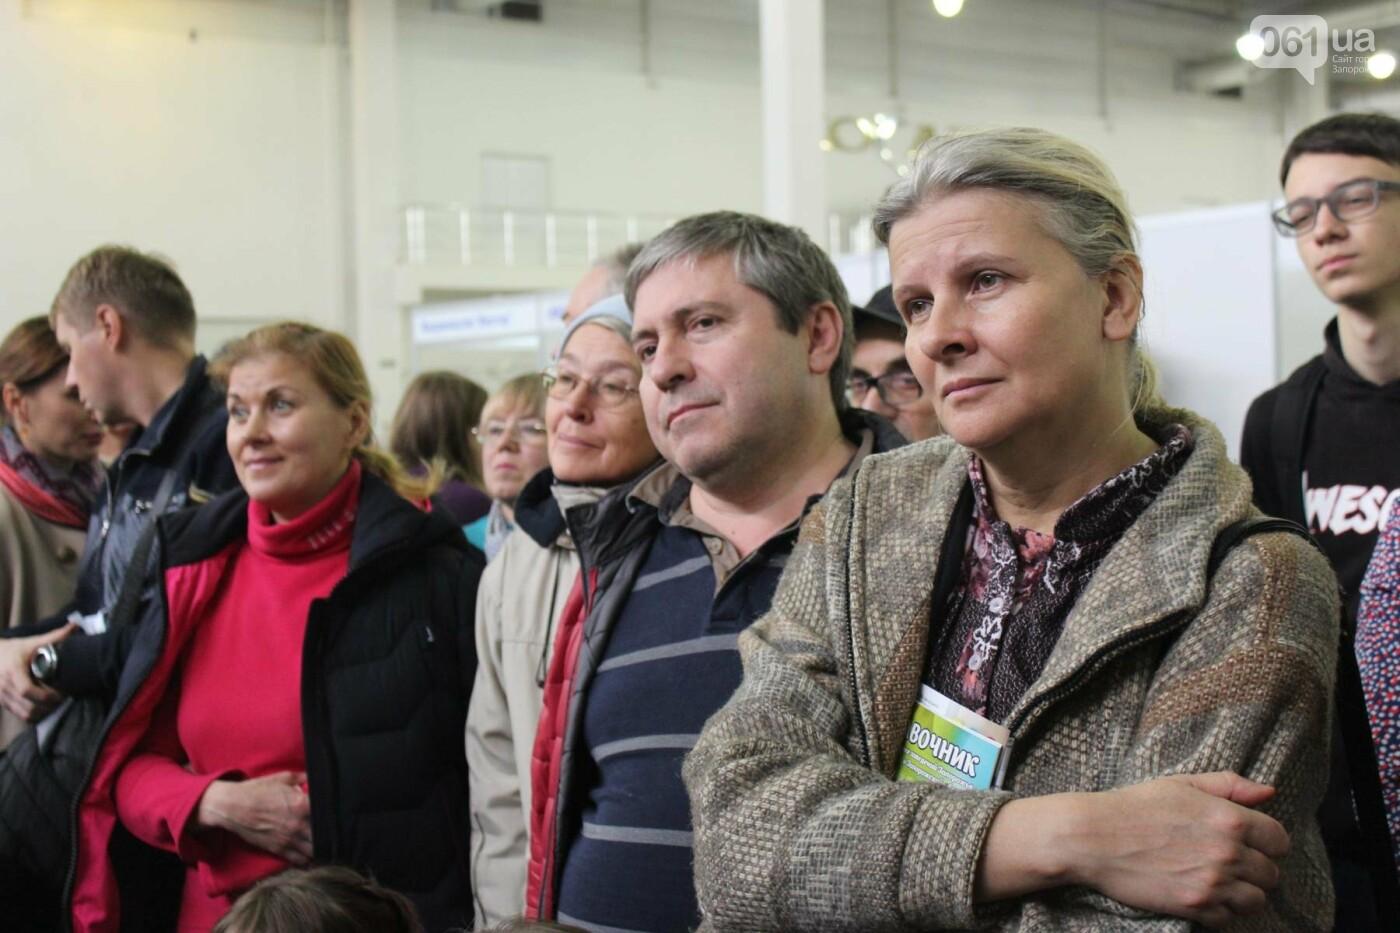 Писатель Любко Дереш в Запорожье собрал аншлаг, - ФОТО , фото-1